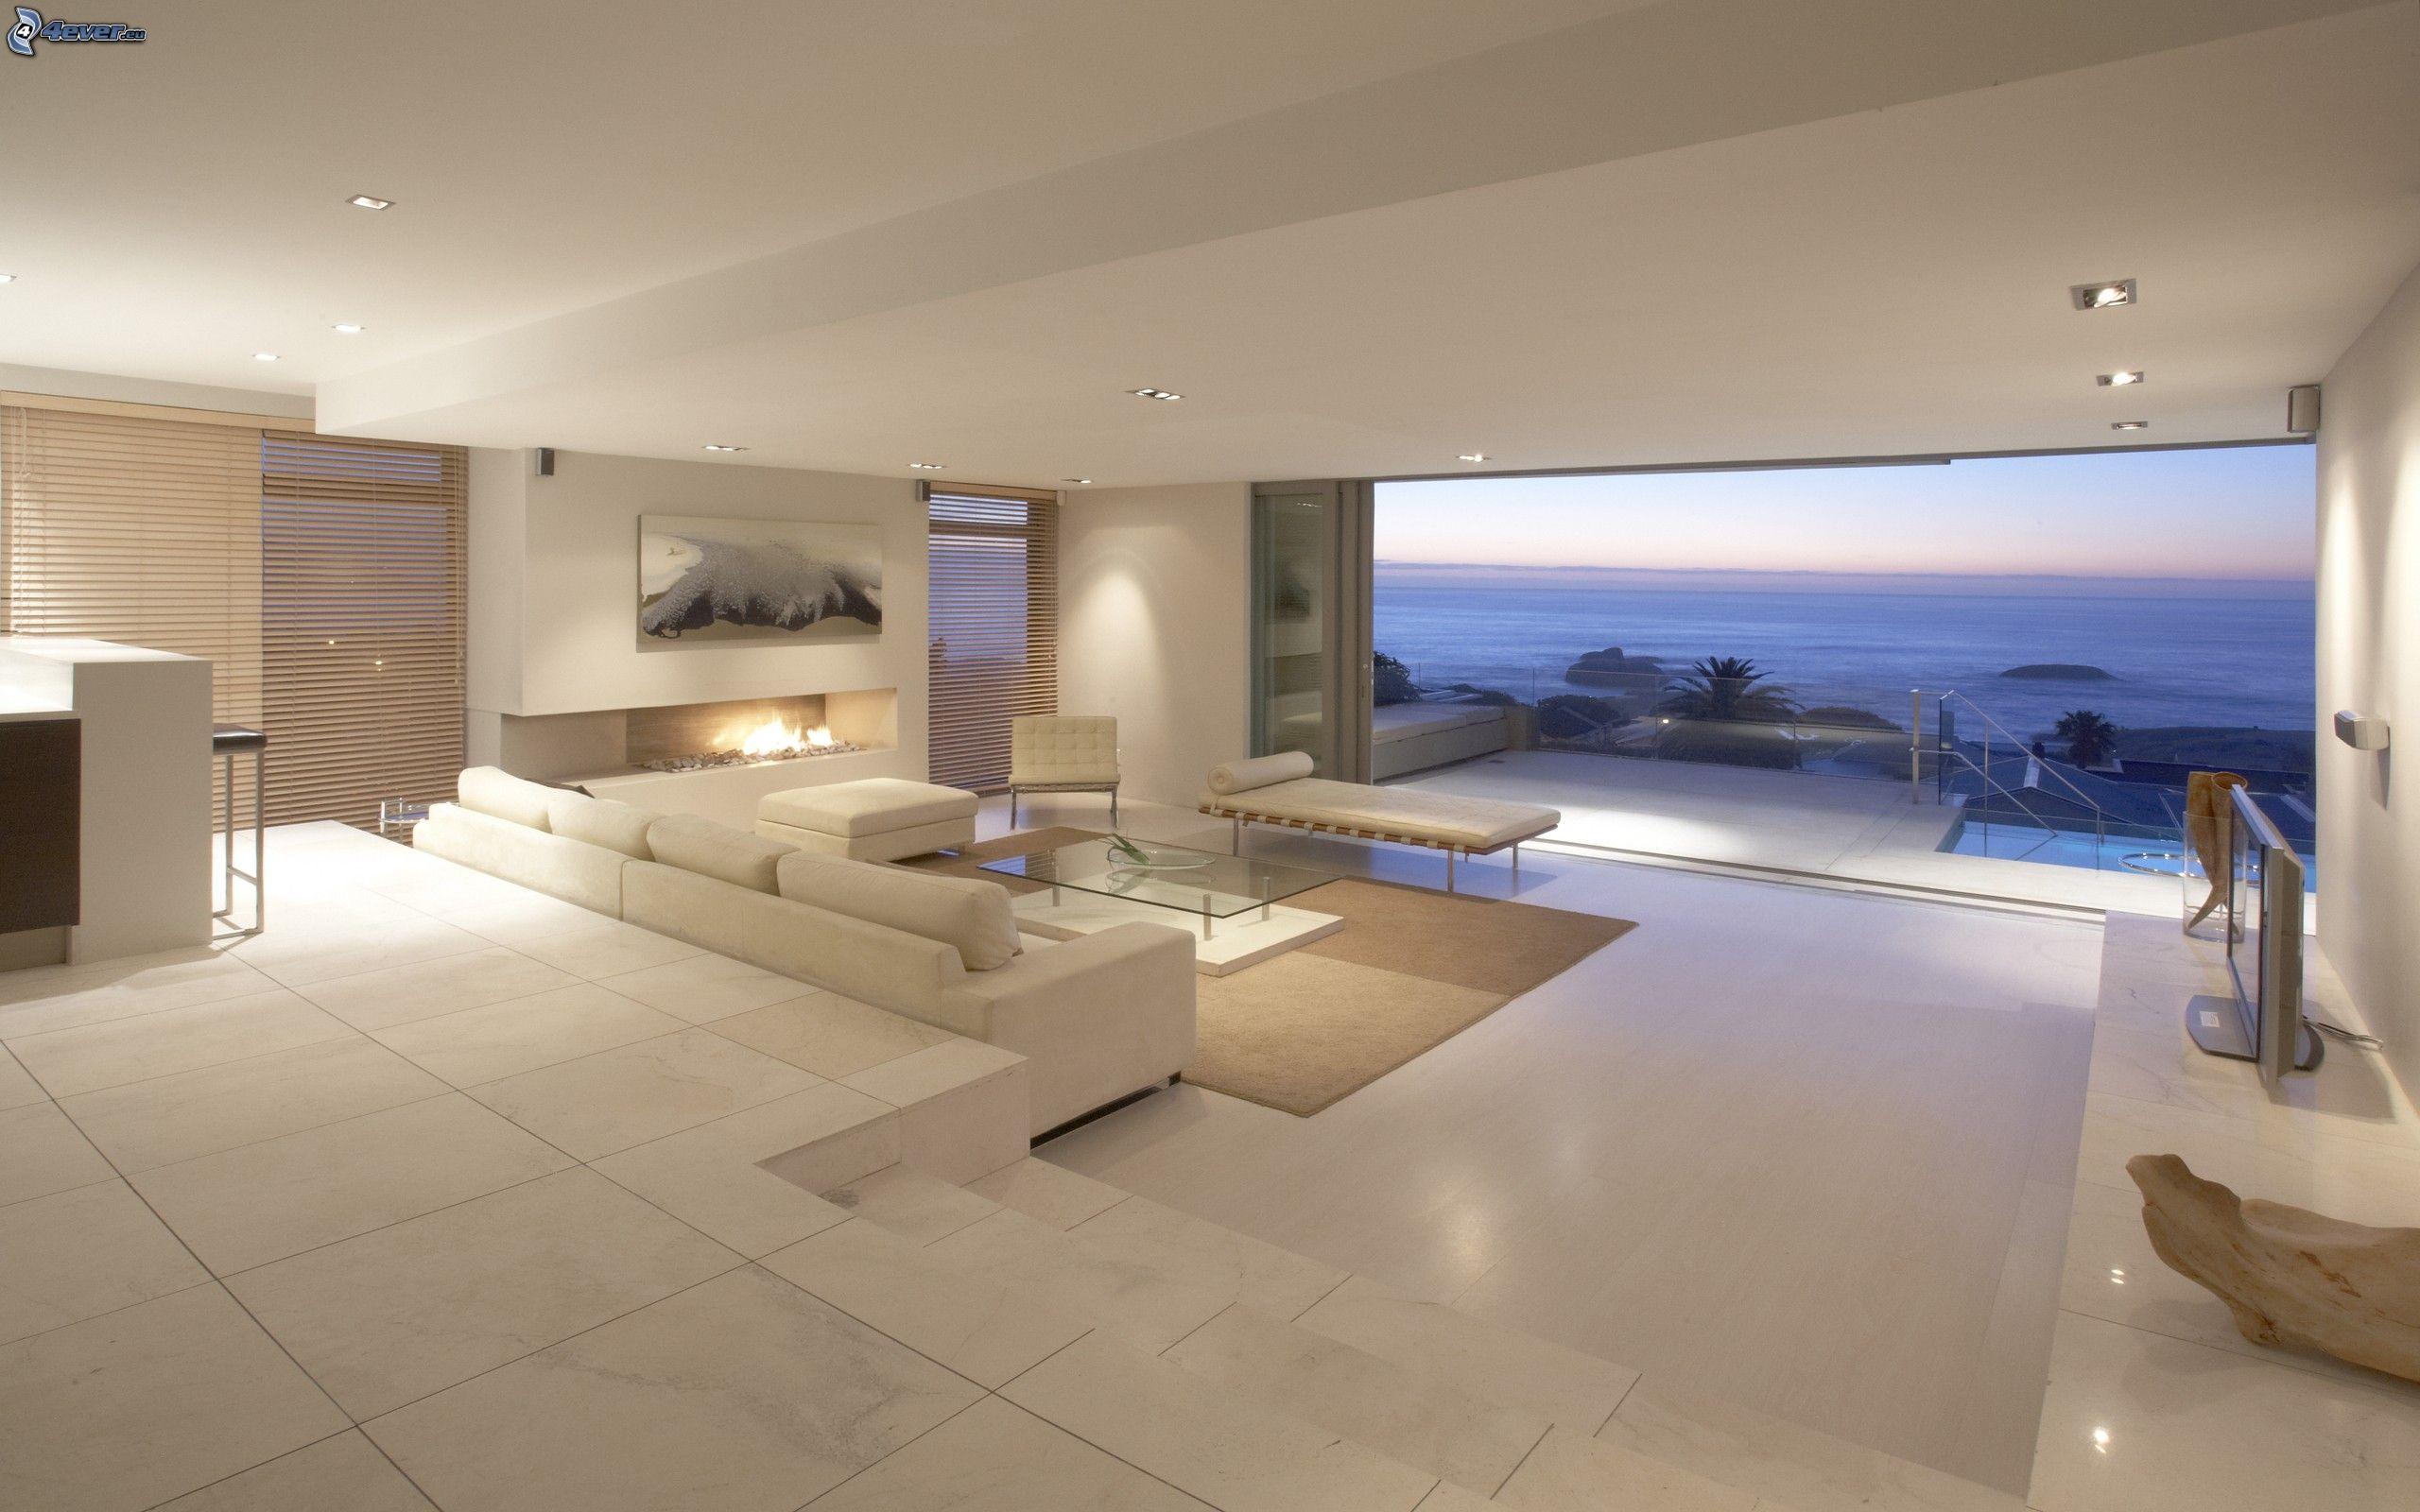 Awesome Soggiorni Al Mare Ideas - Idee Arredamento Casa & Interior ...